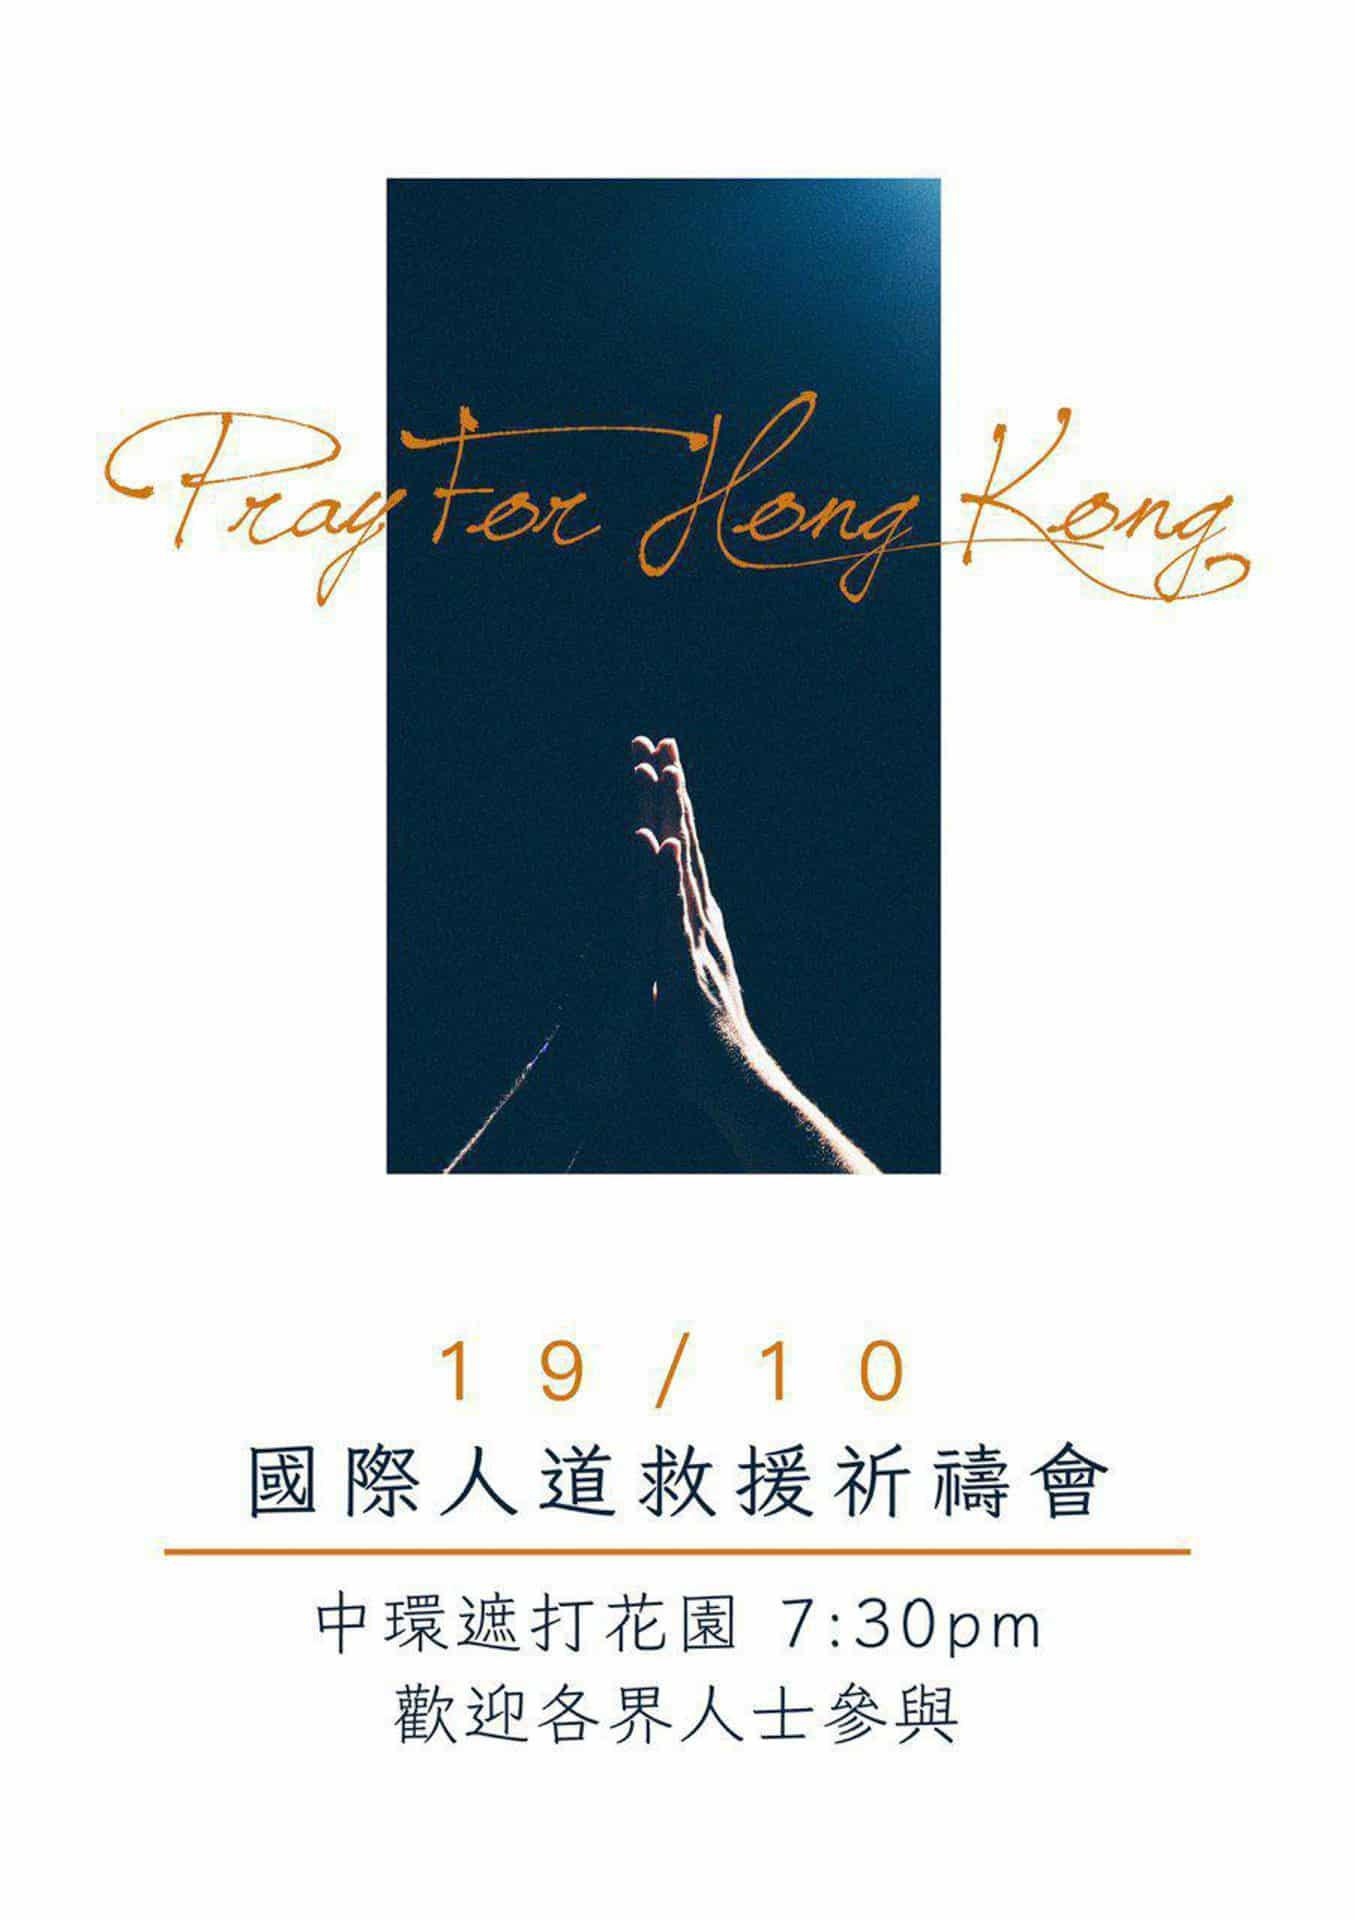 10.19集會 10月19日國際人道救援祈禱會 「國際人道救援祈禱會」為反送中運動中受傷、離世的人禱告。